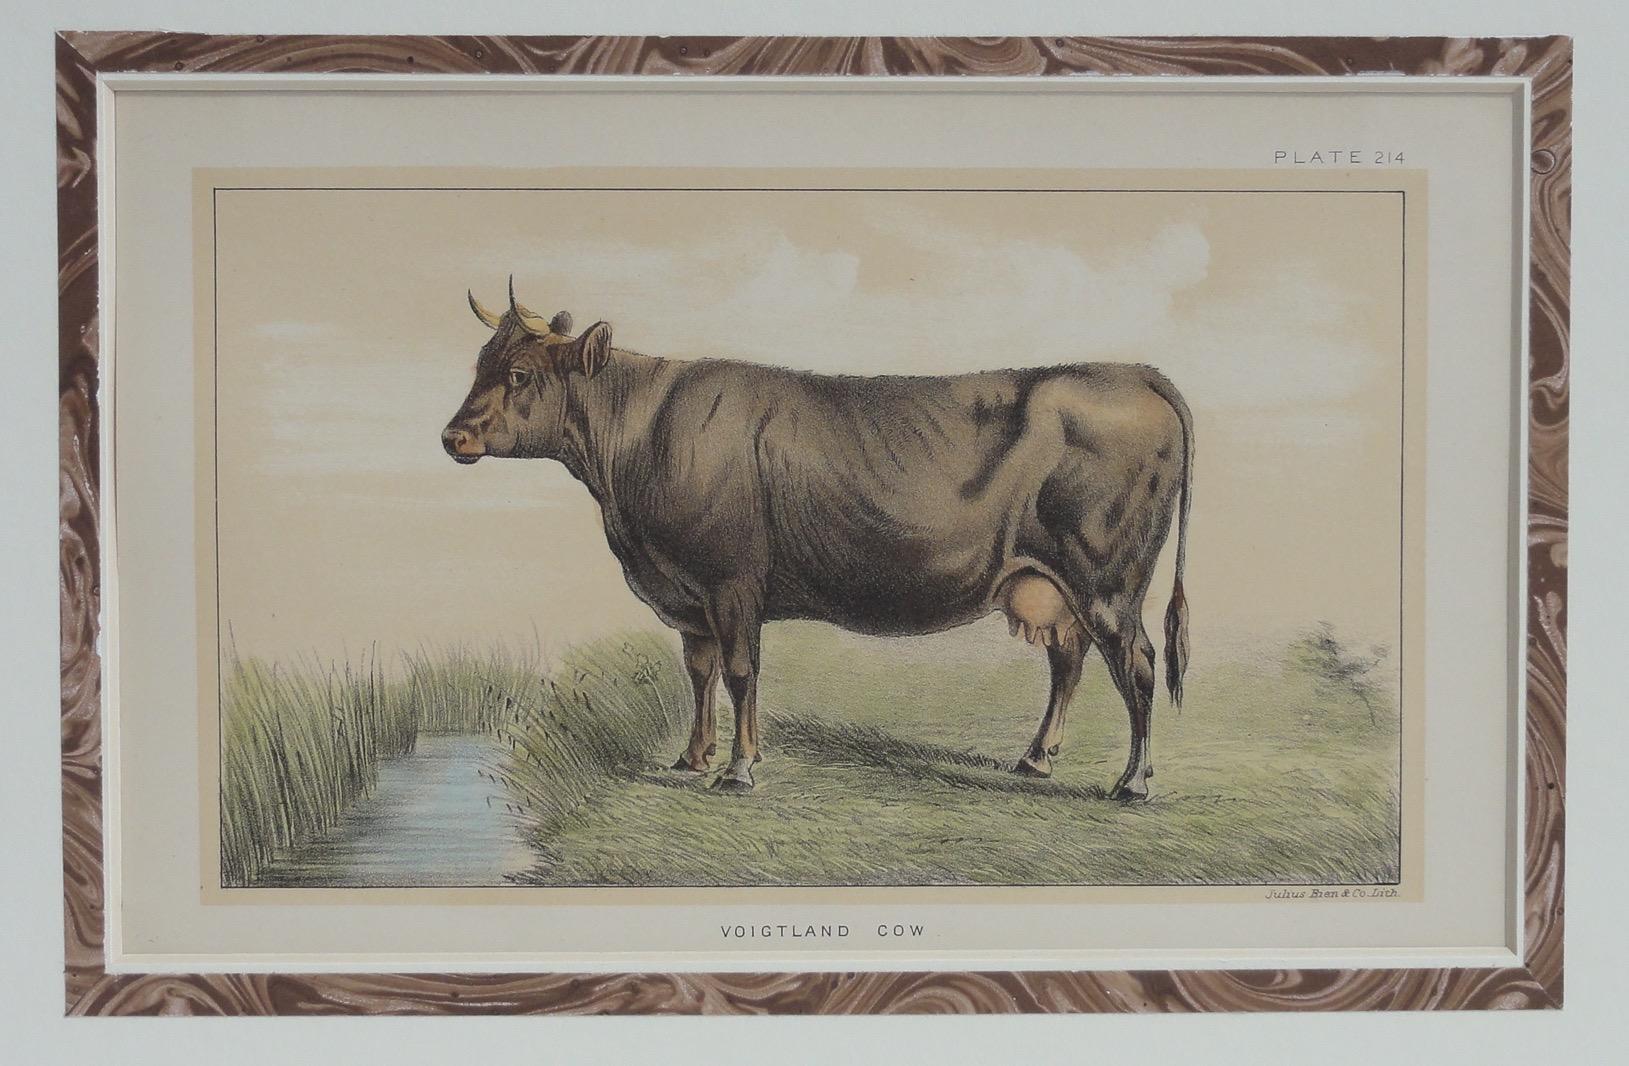 Voigtland Cow